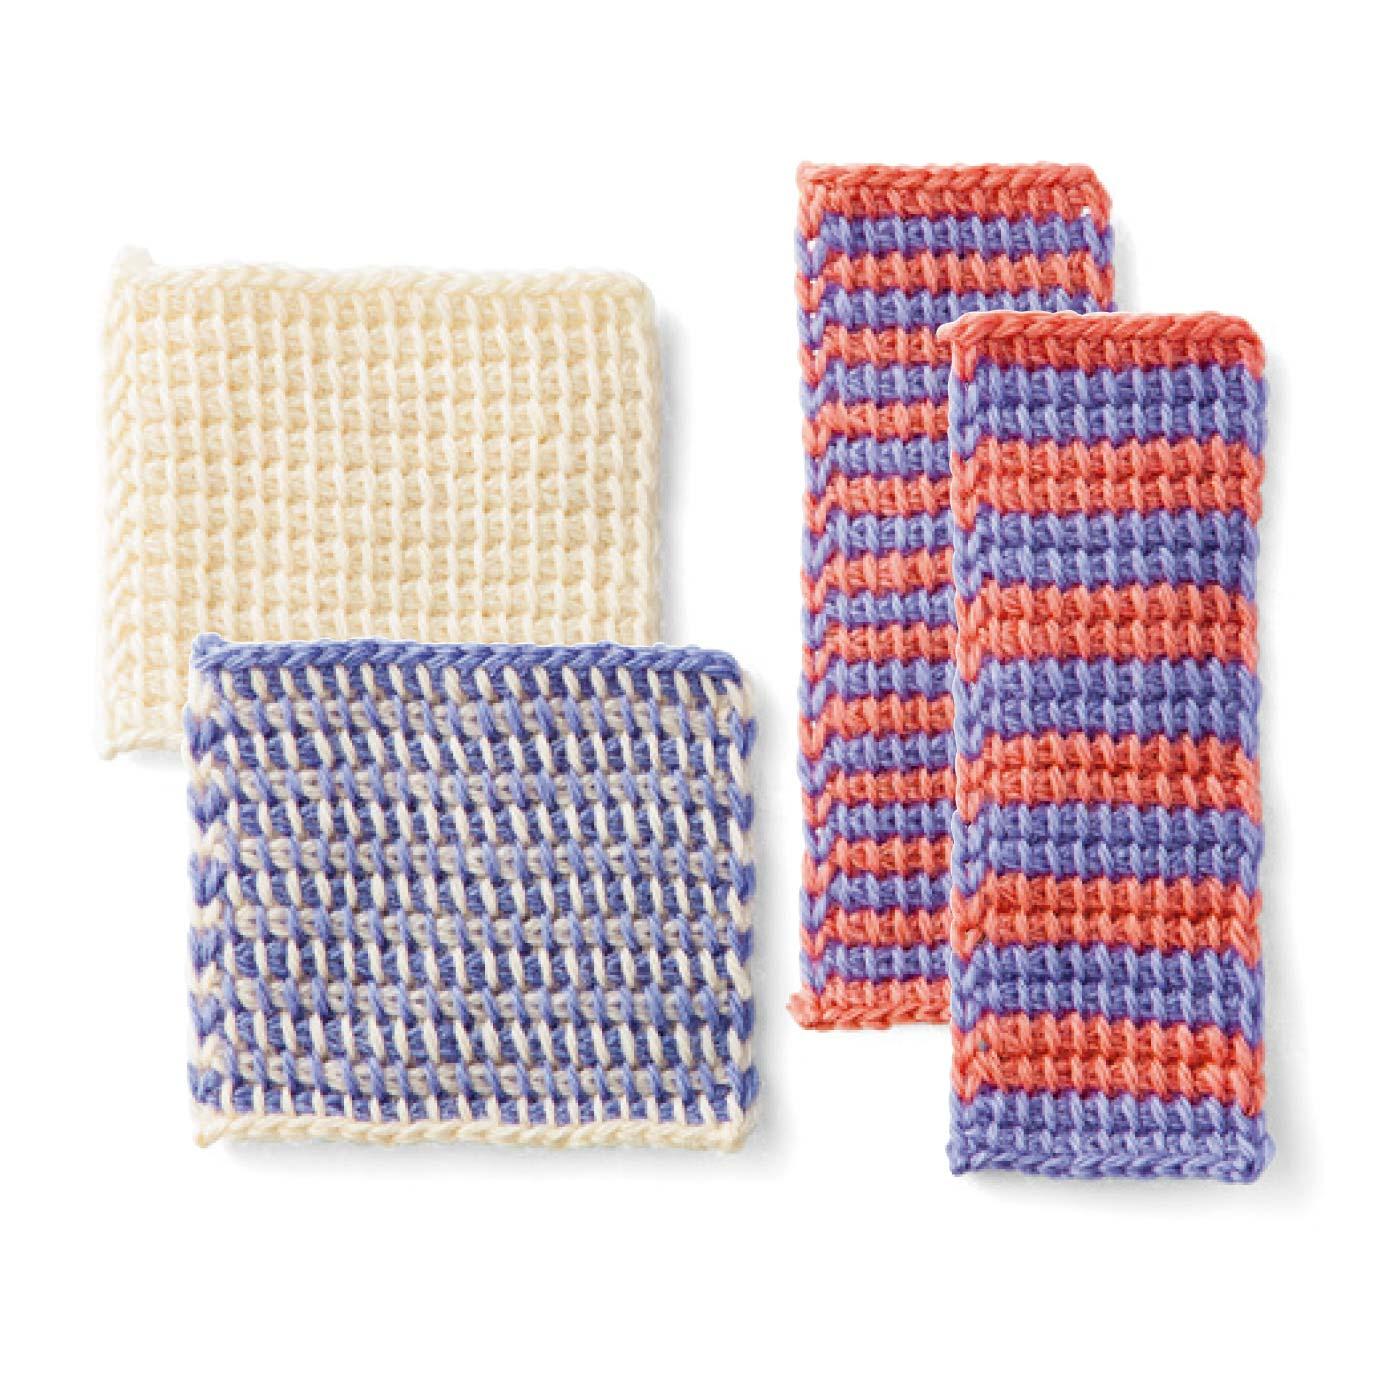 基本のプレーン編み